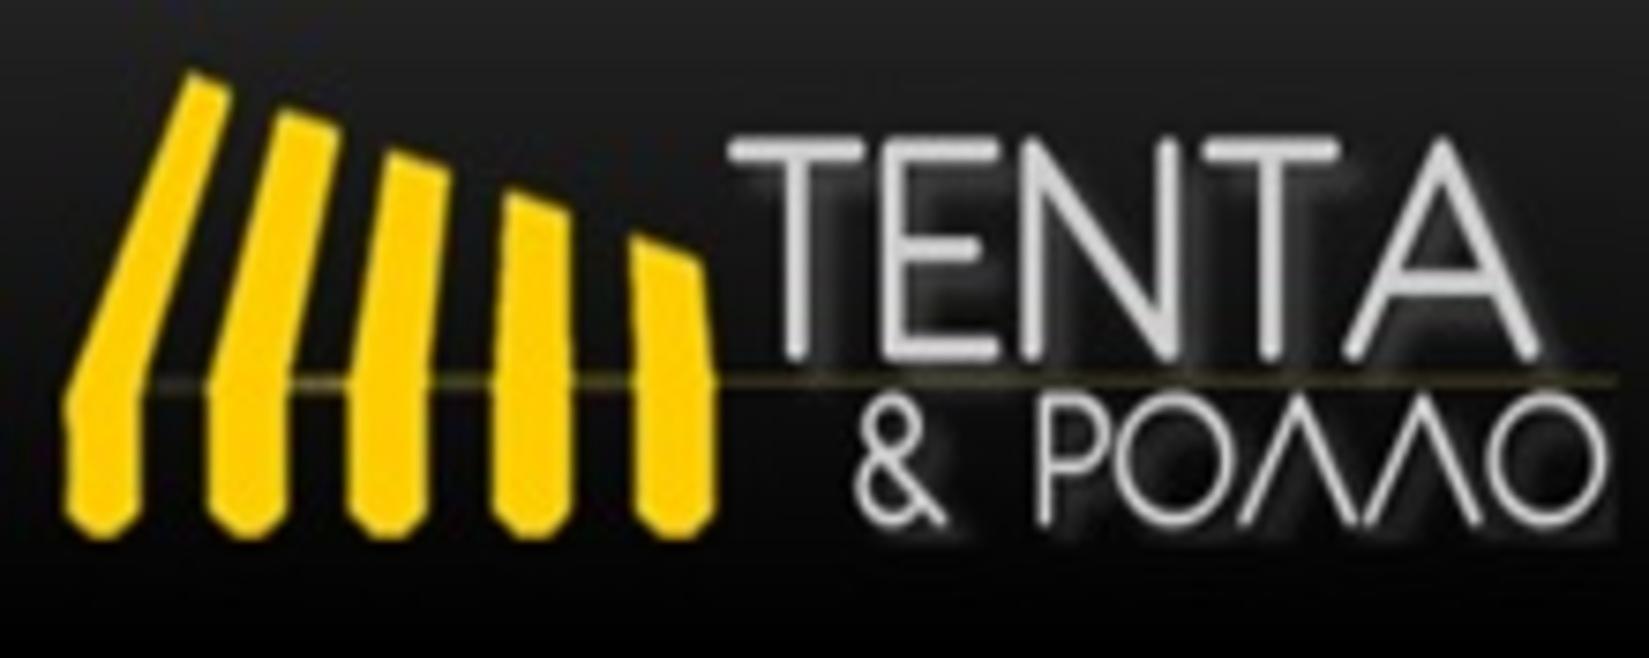 tentes-thessaloniki